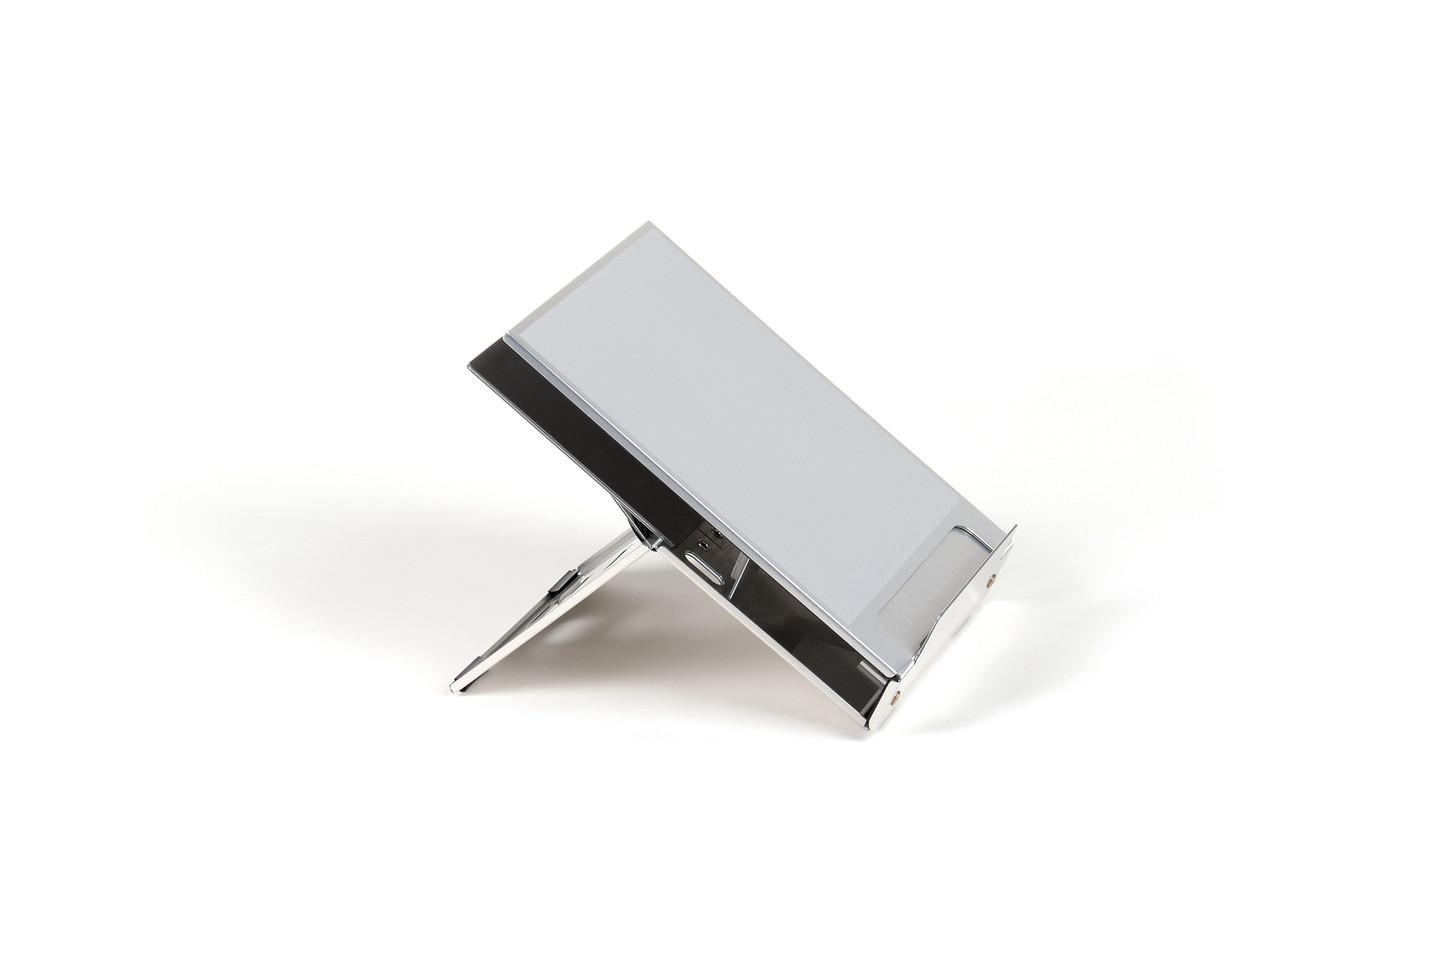 ergo-q-260-12-inch-notebook-stand-139514